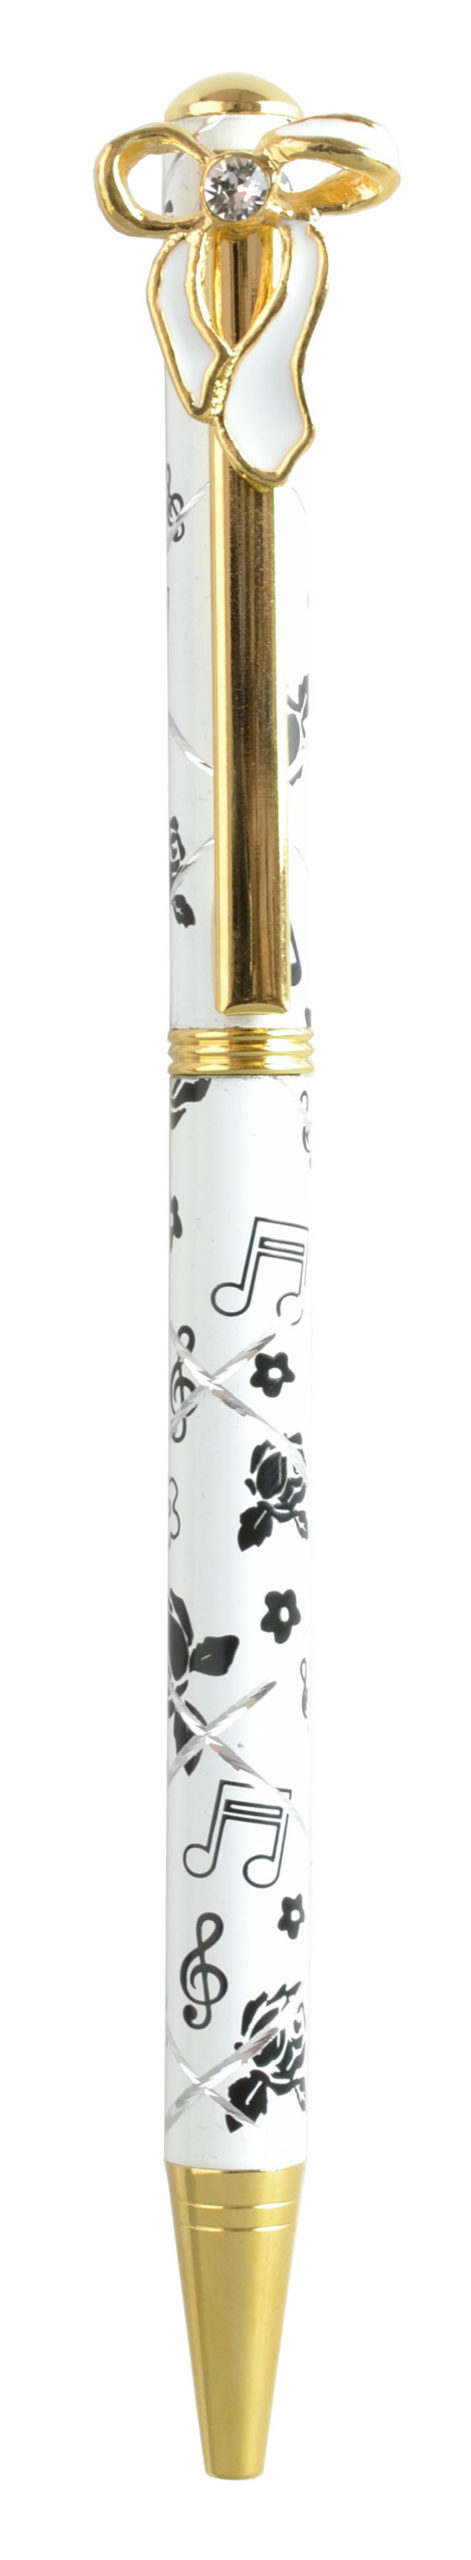 スワロフスキークリスタルボールペン リボン1 ホワイト <br>No.65415